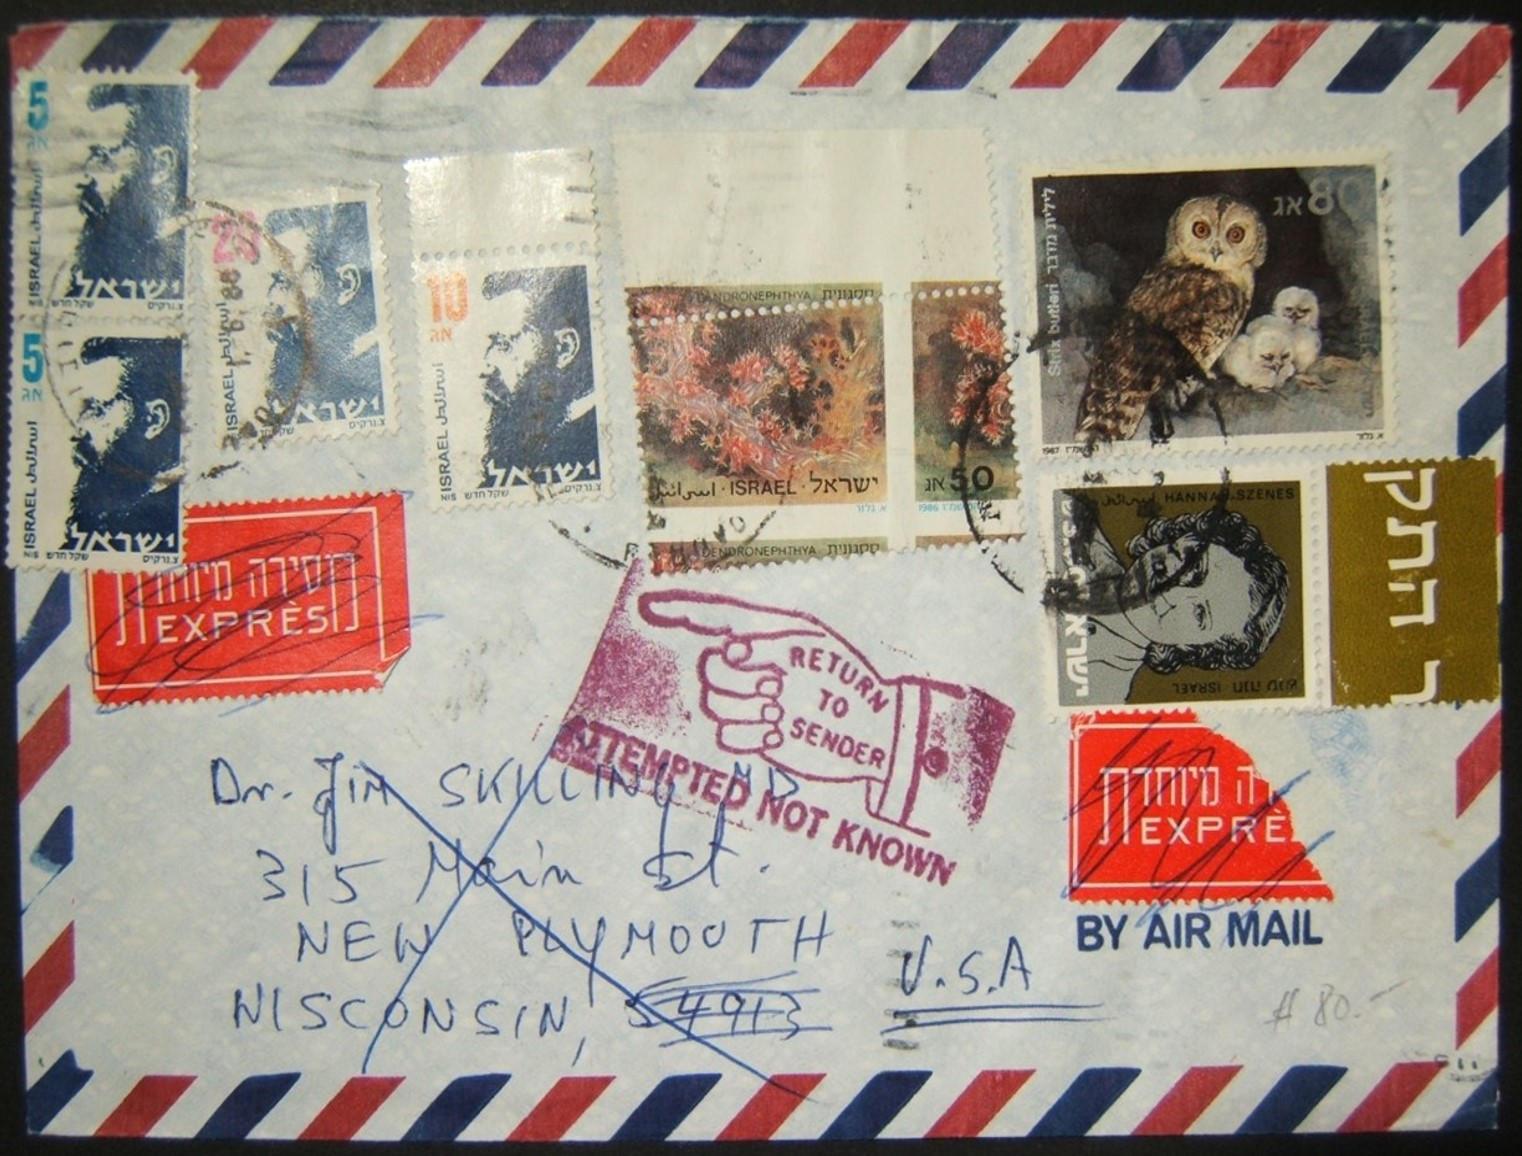 6/1988 البريد السريع إلى الولايات المتحدة مع وجود أخطاء في العملات المختلطة وأخطاء الطوابع